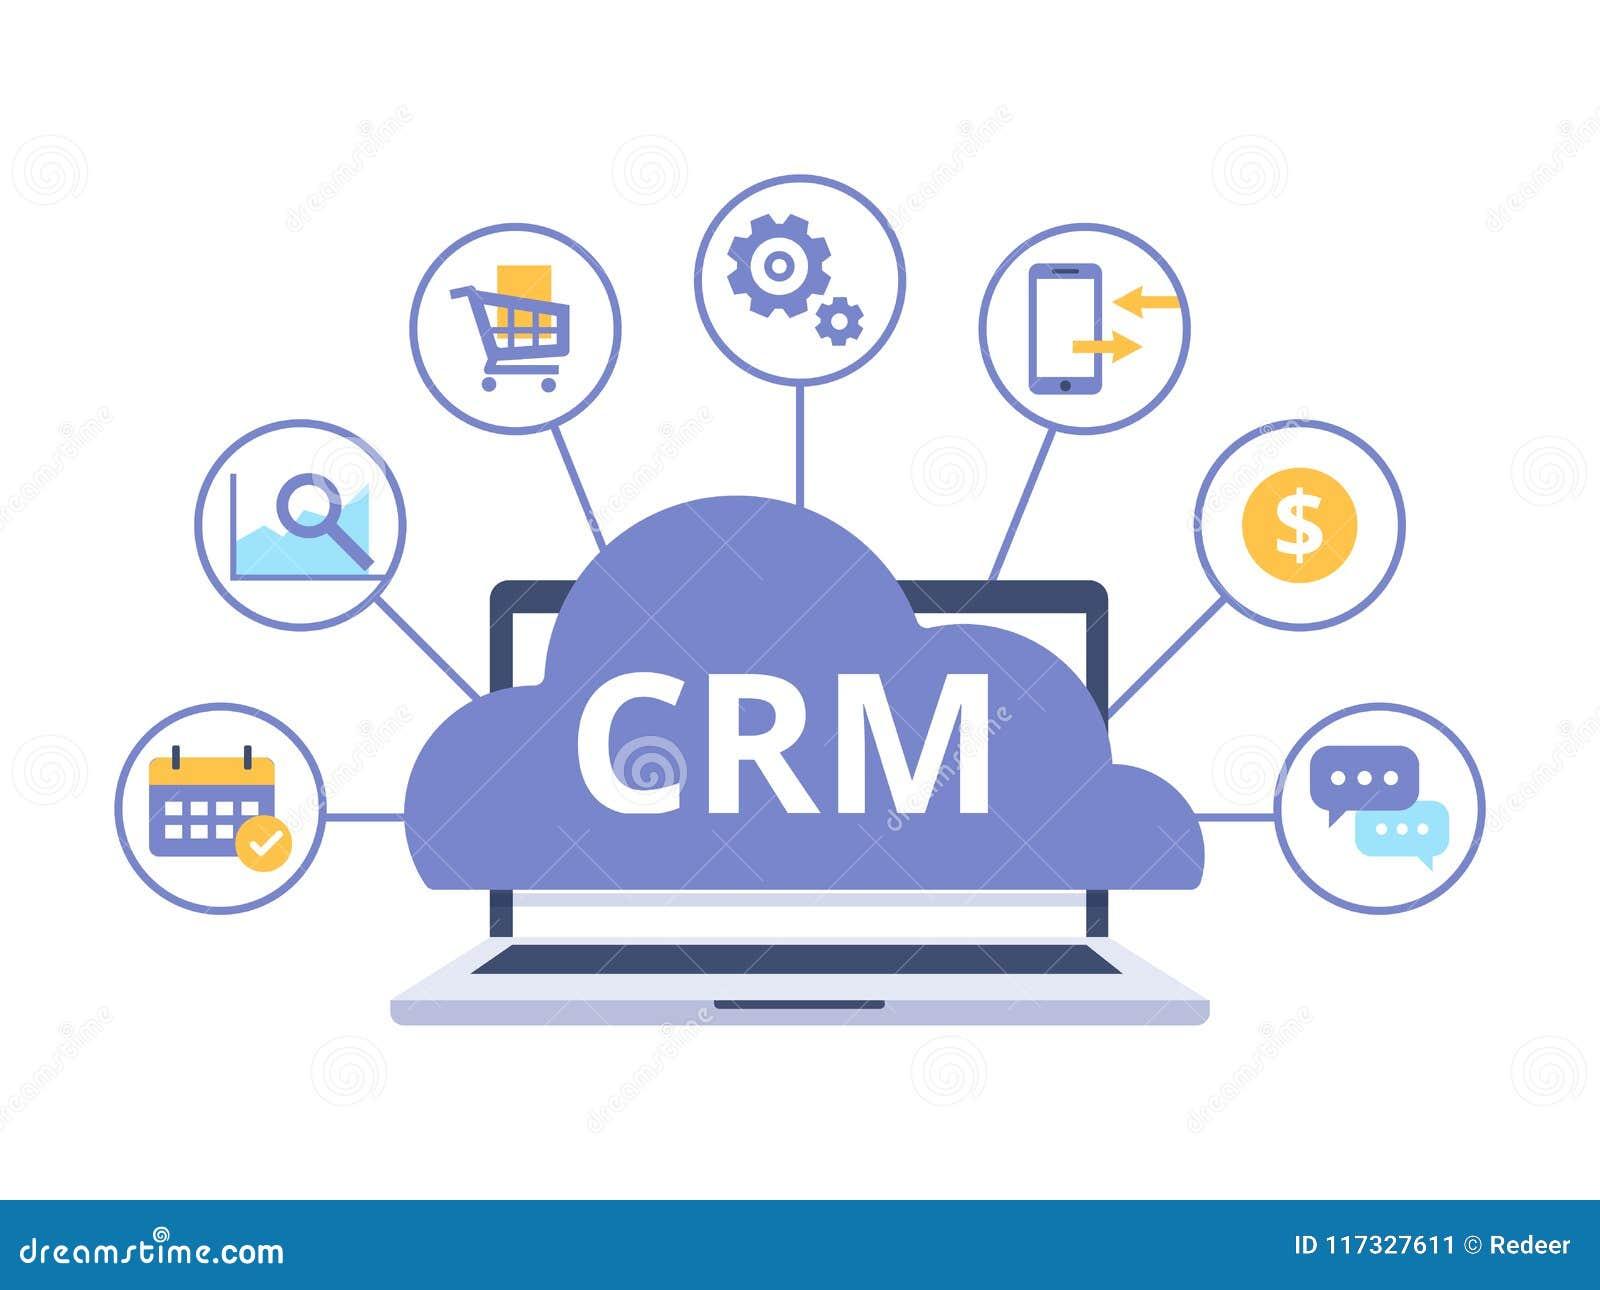 Organisation von Daten bezüglich der Arbeit mit Kunden, Kunden-Verhältnis-Management CRM-Konzeptdesign mit Vektorelementen